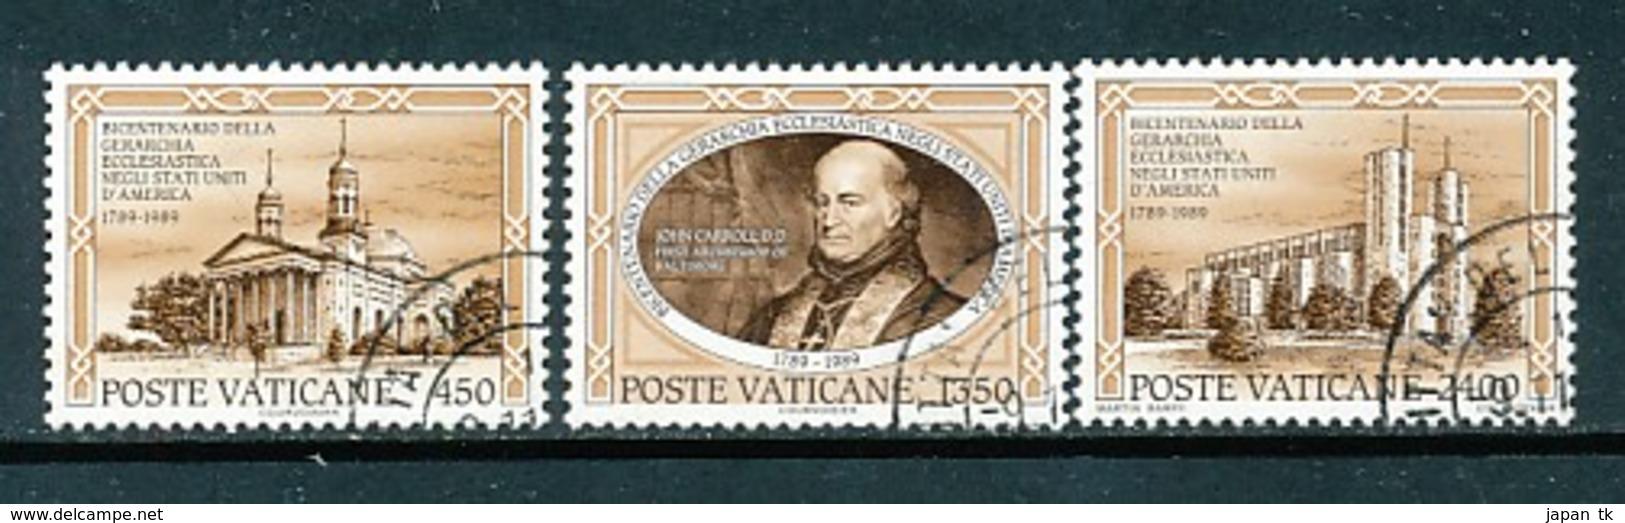 VATIKAN Mi.Nr. 993-995 200. Jahrestag Der Errichtung Der Ersten Katholischen Diözese, USA - Siehe Scan - Used - Used Stamps